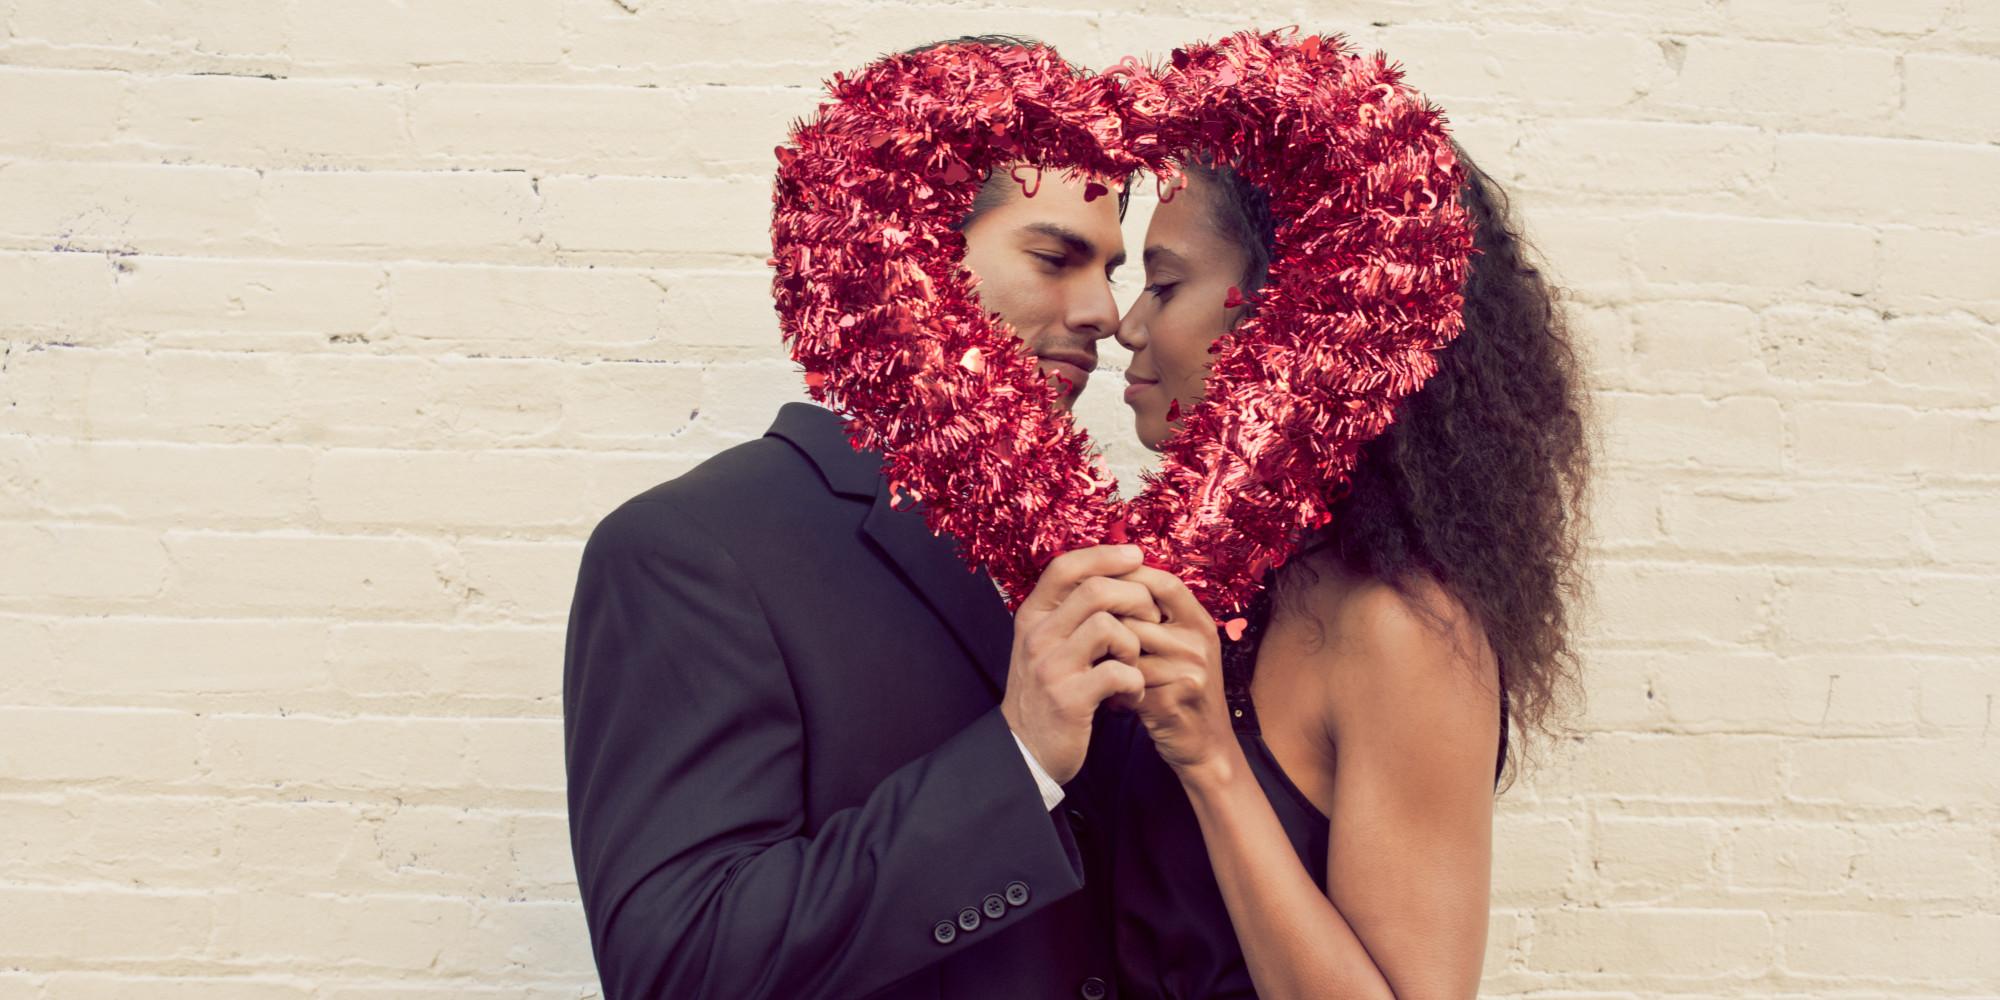 Romantic Valentines Tumblr